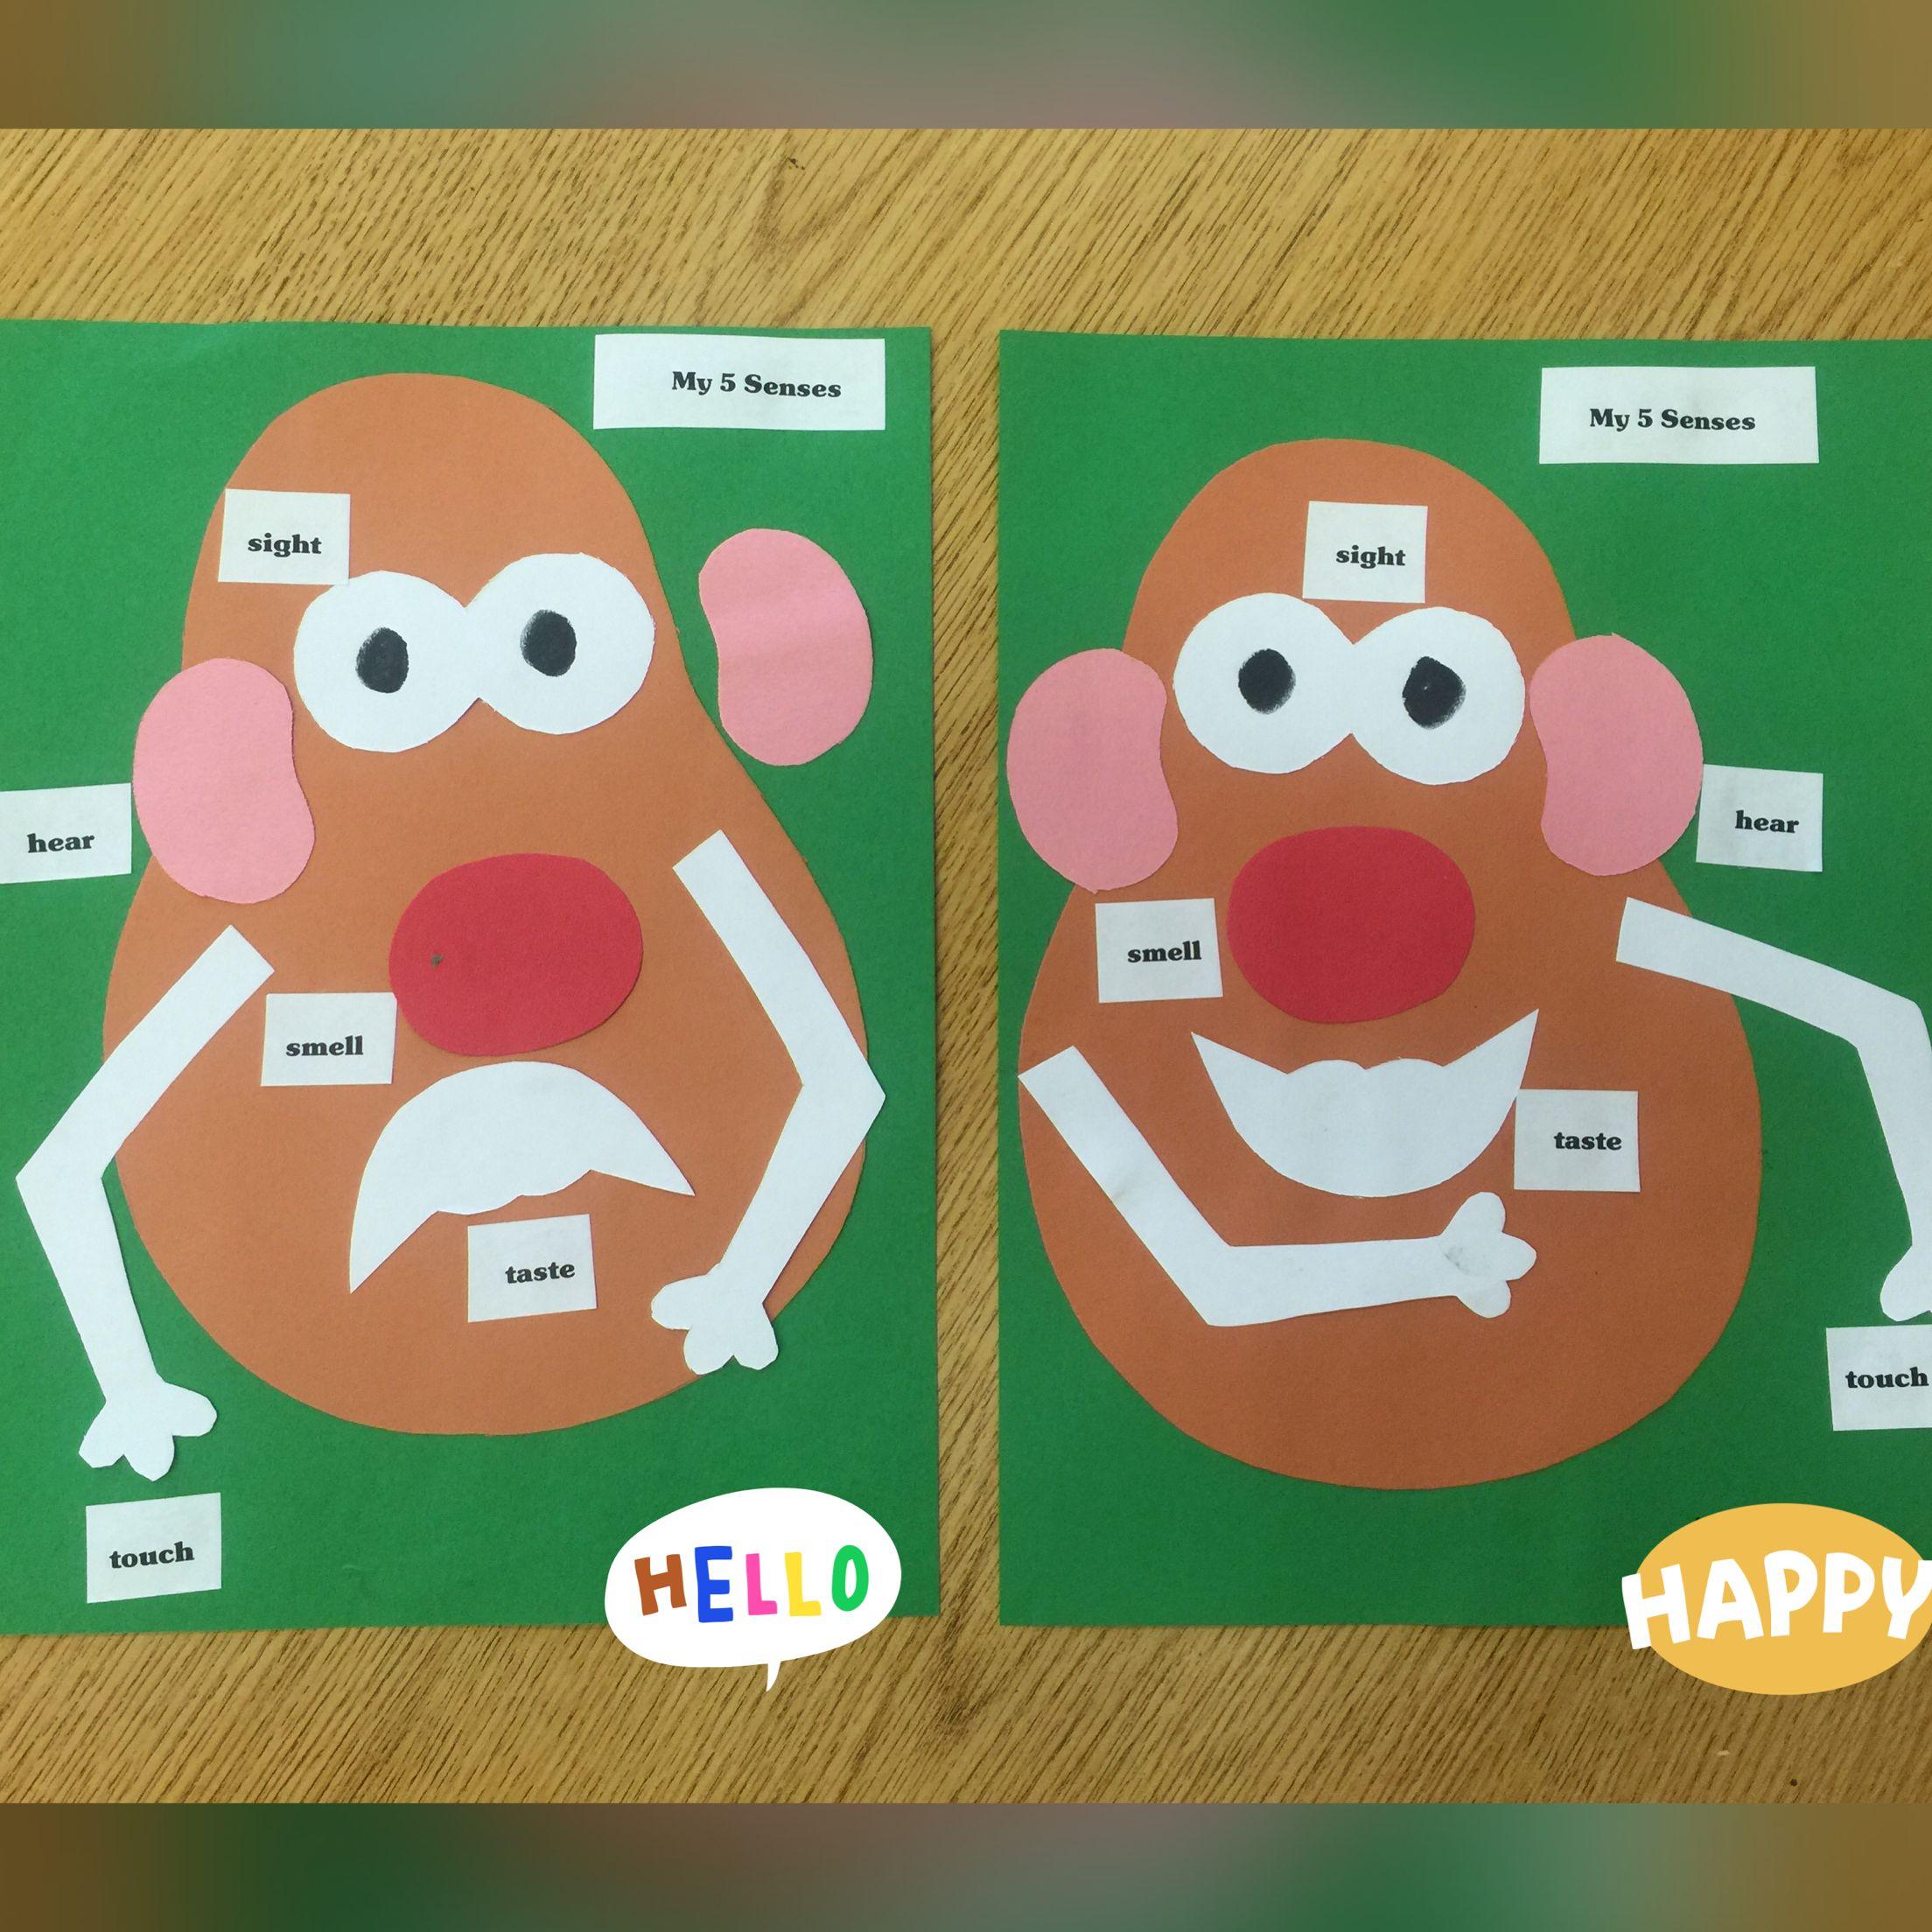 Mr Potato Head 5 Senses Activity Preschool Or